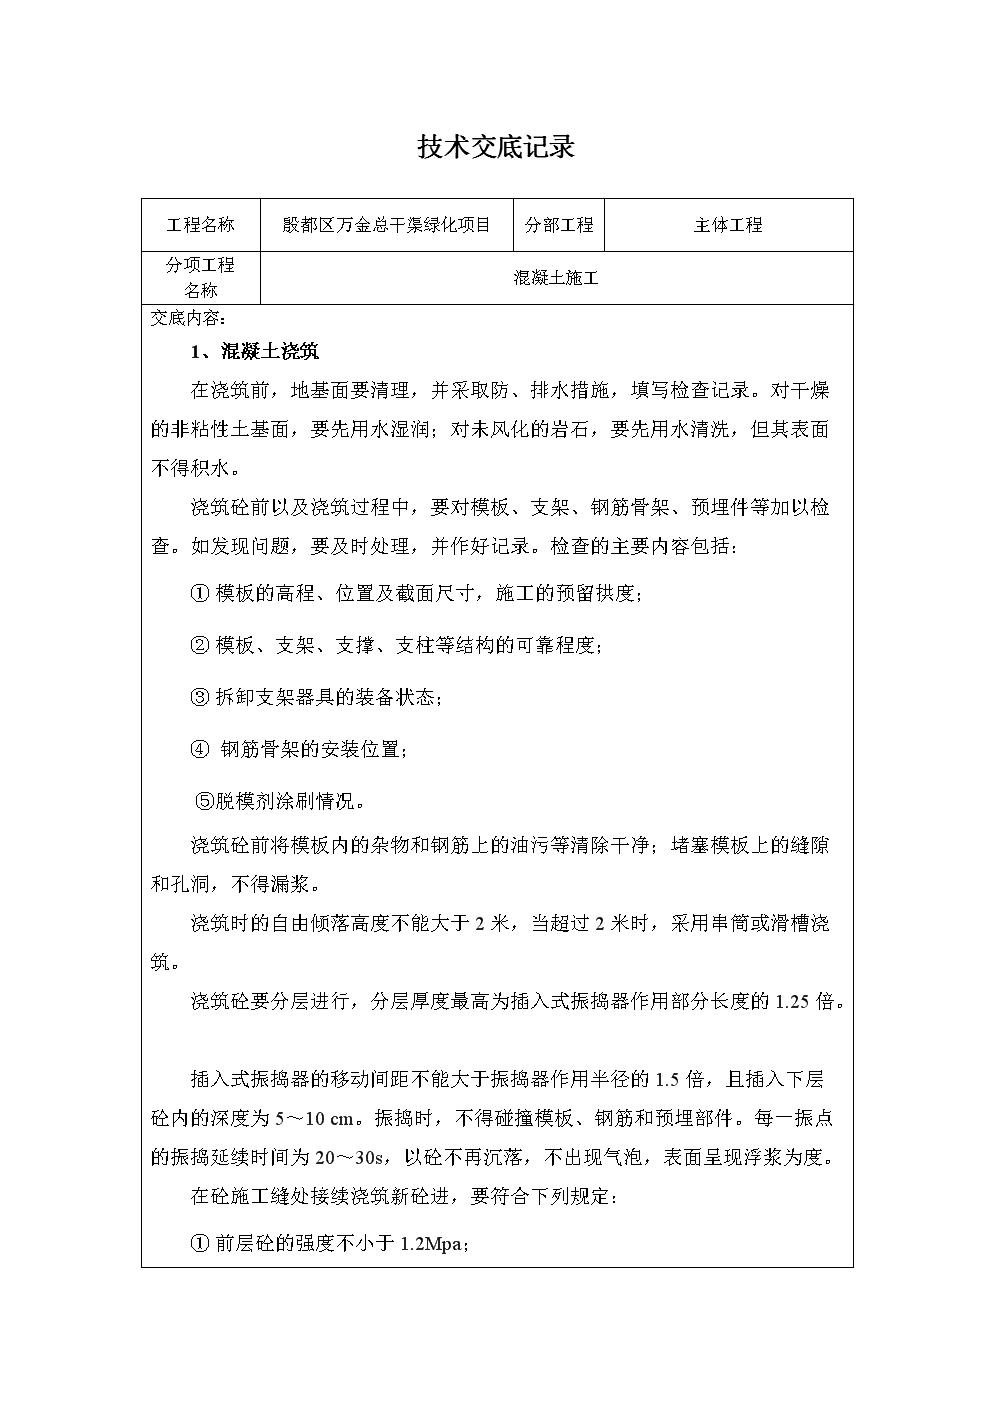 3混凝土浇筑技术交底.doc